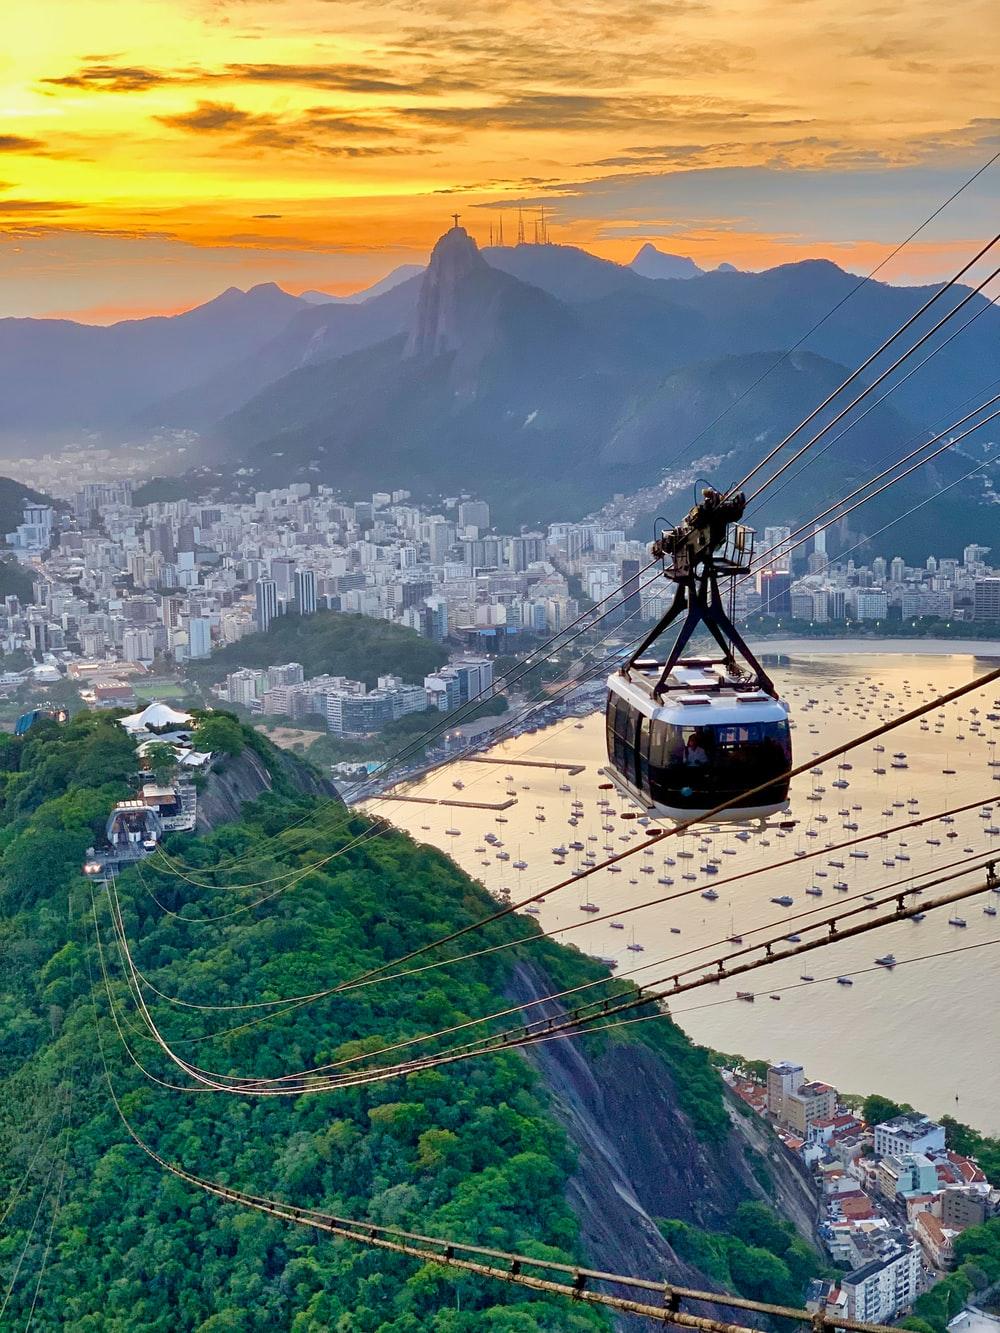 500 Rio De Janeiro Pictures [HD] Download Images on Unsplash 1000x1333